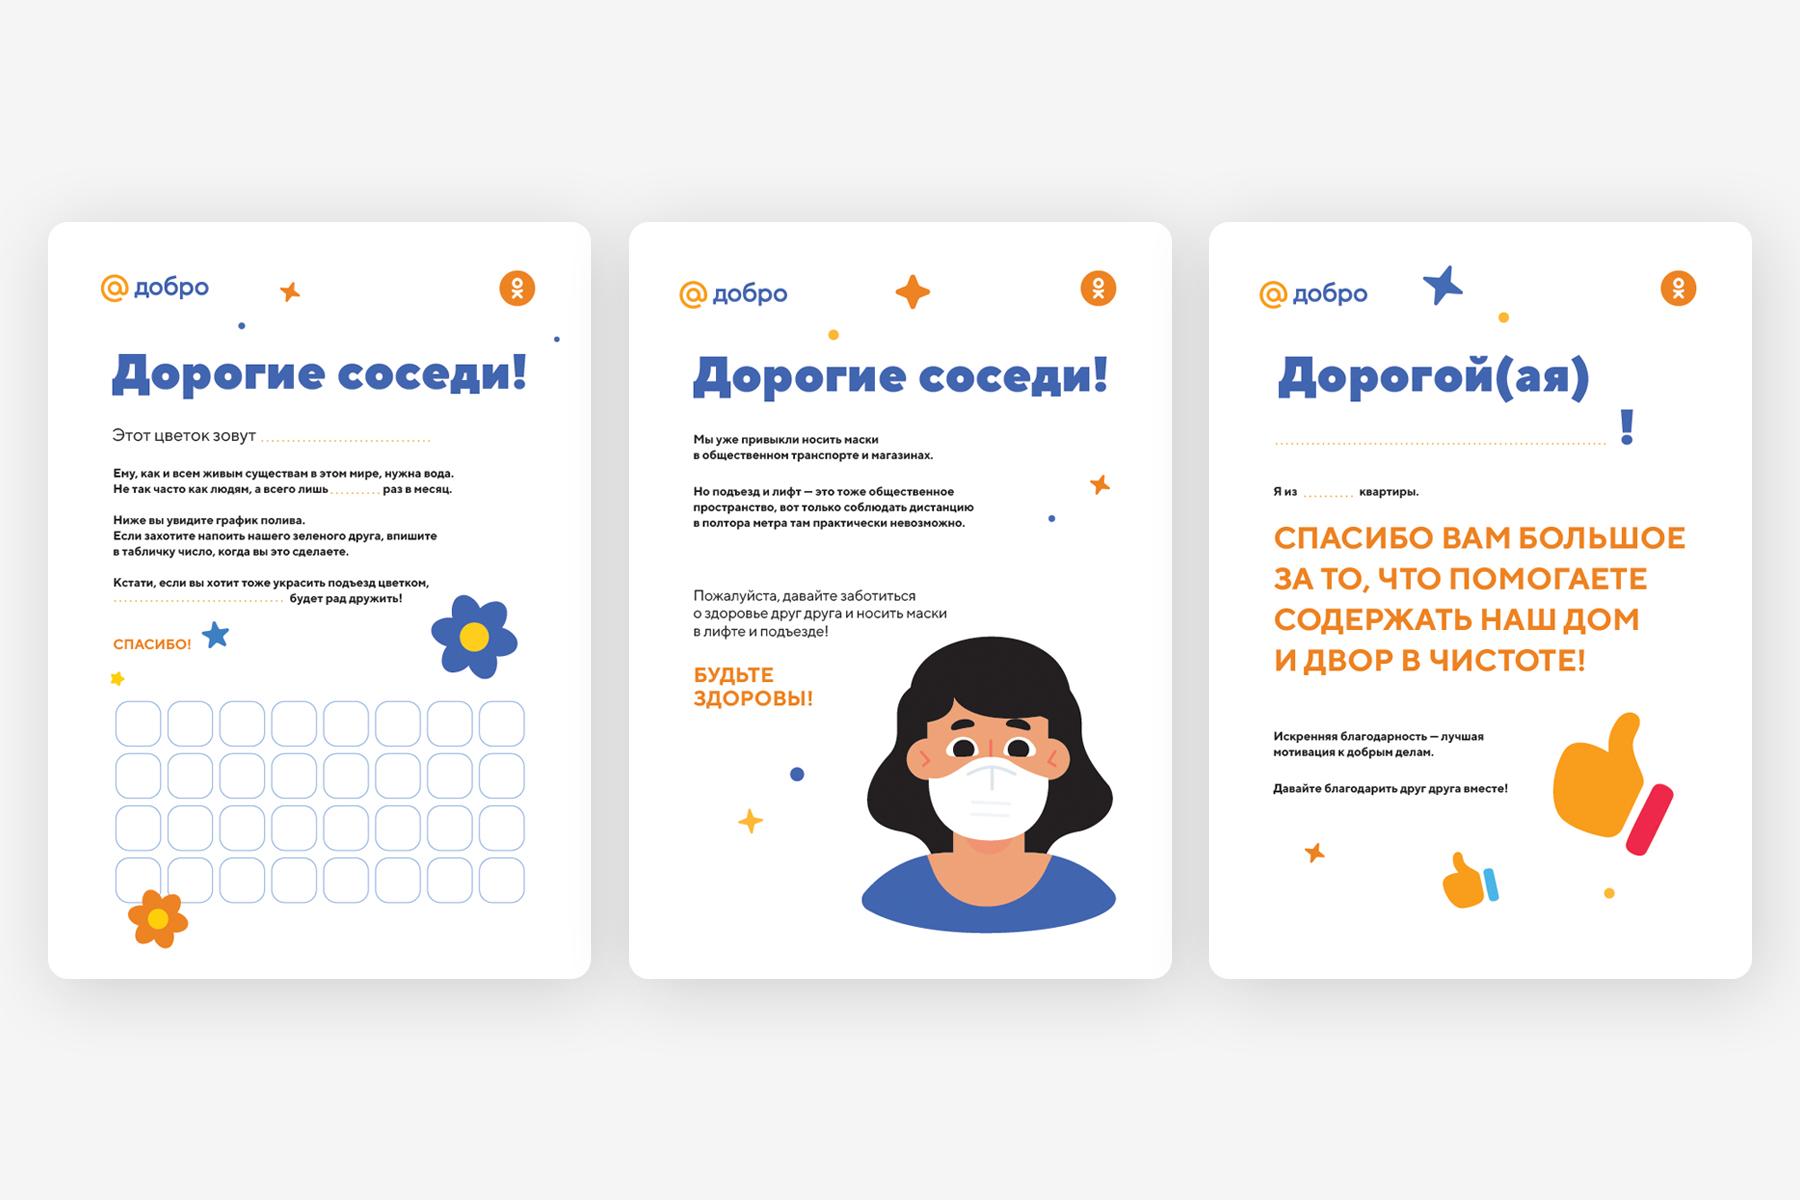 Исследование ОК и Добро Mail.Ru: во время пандемии 26% людей стали реже общаться с соседями